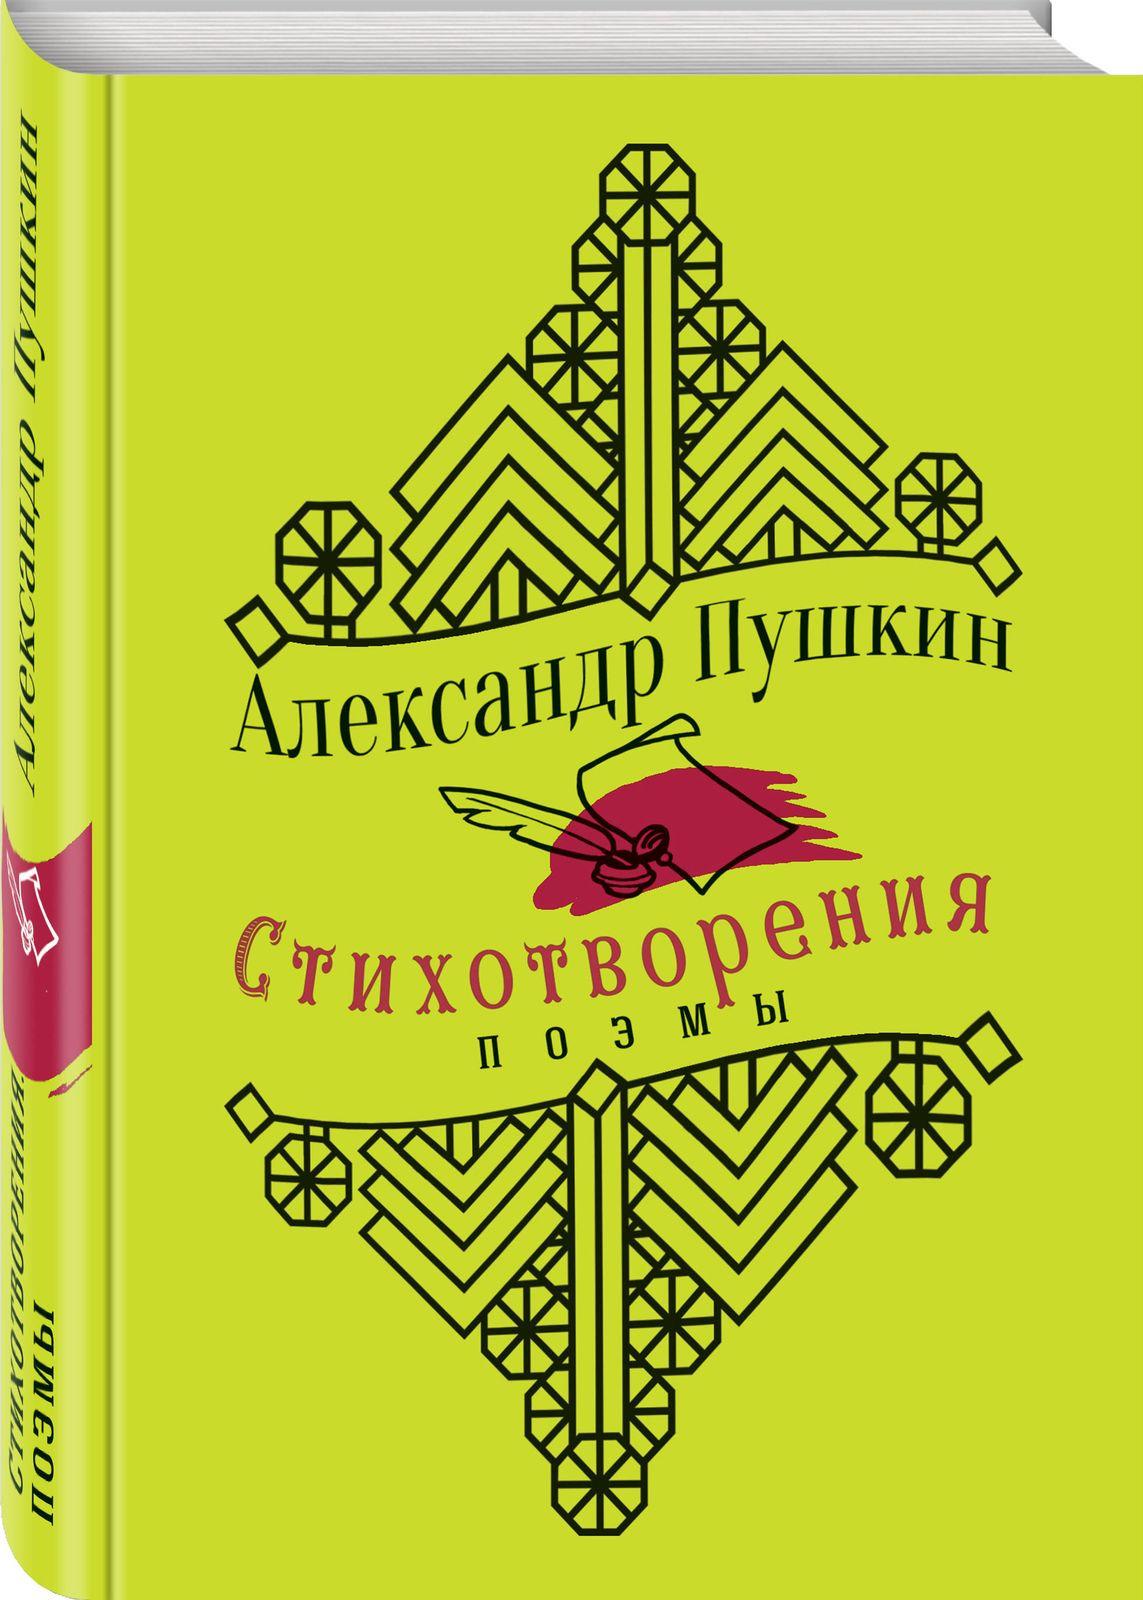 Александр Пушкин Александр Пушкин. Стихотворения. Поэмы